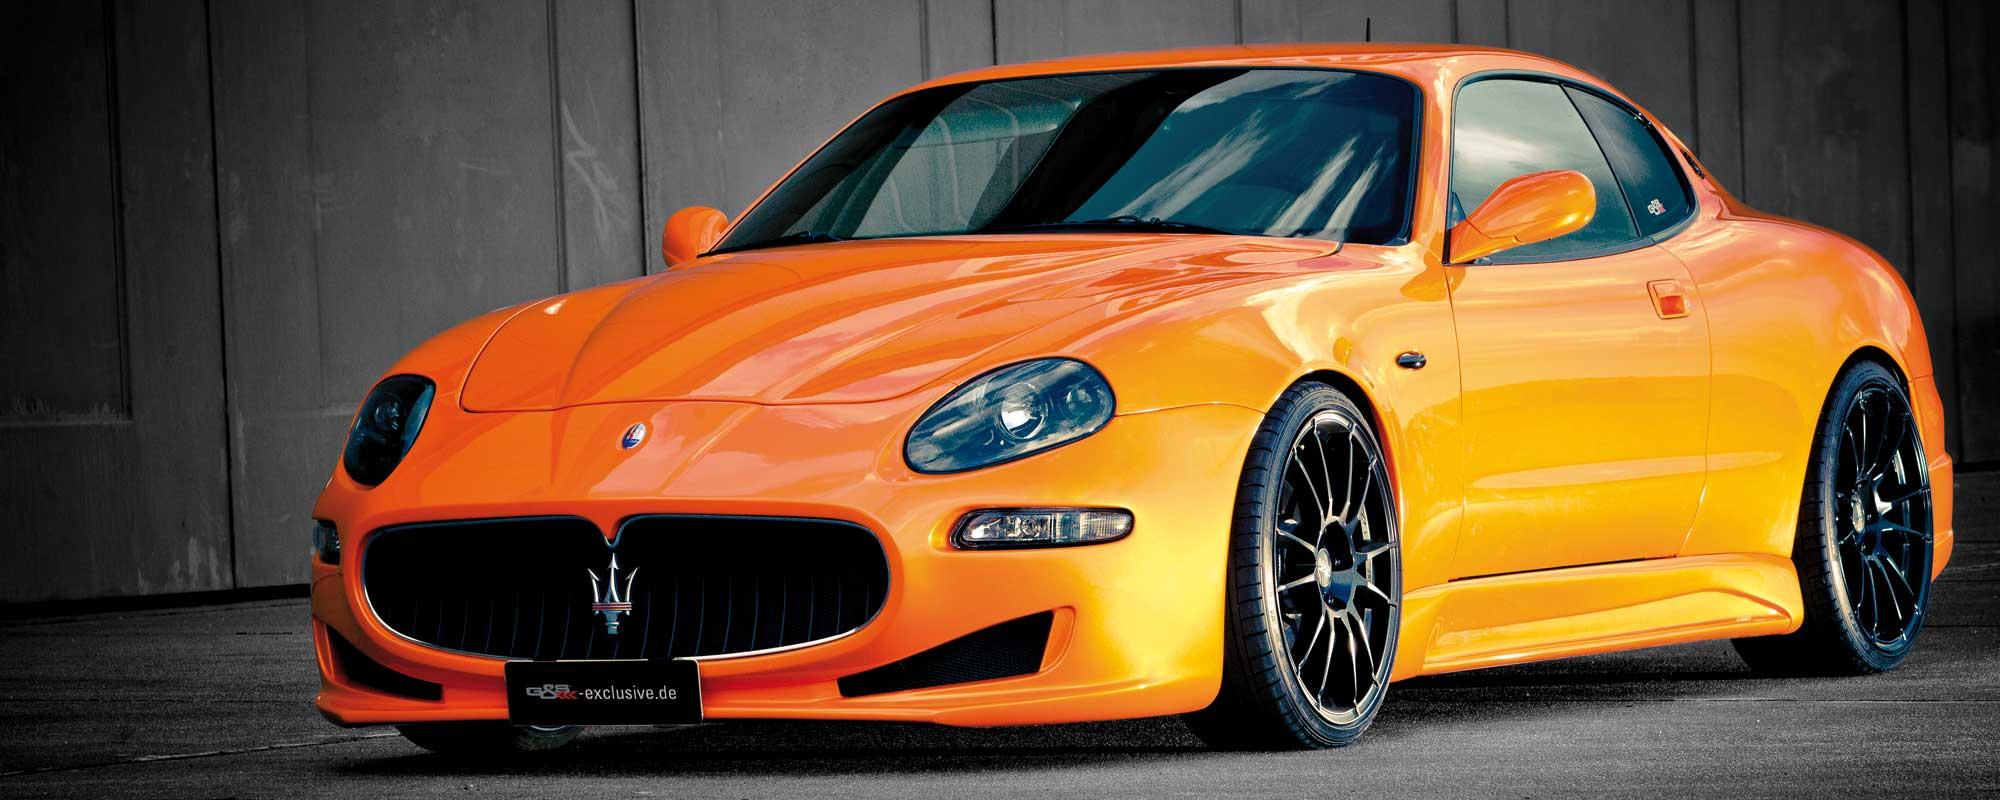 Der getunte Maserati 4200 von G&S Exclusive - tiefer, breiter, schneller